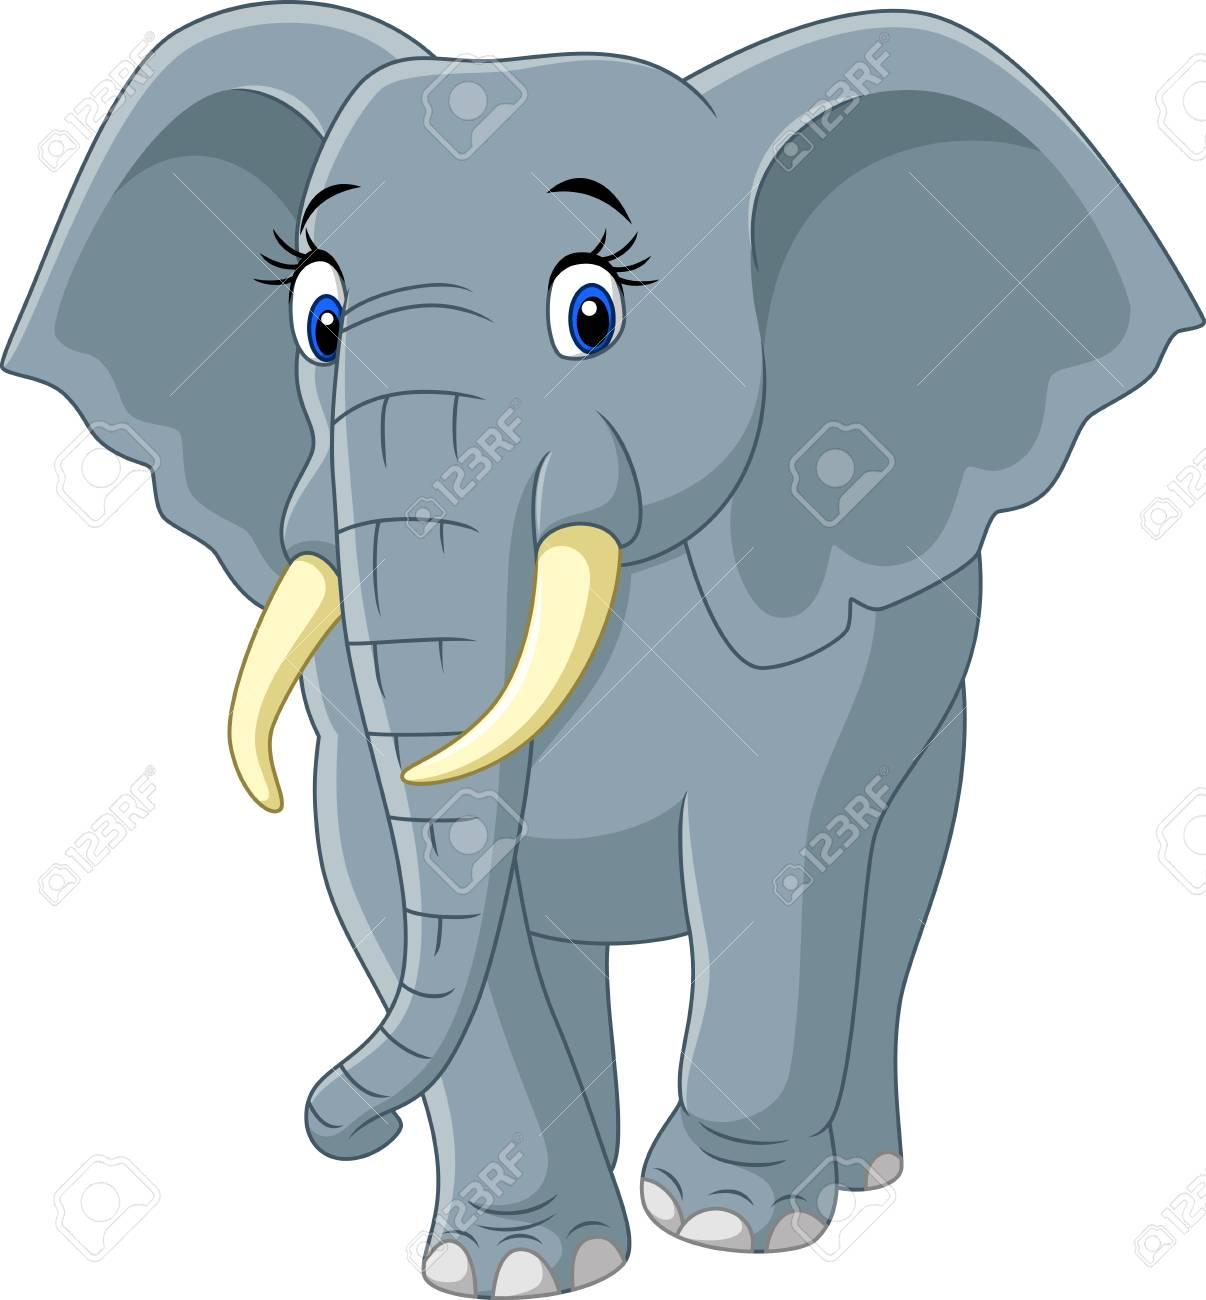 Ilustracion Vectorial De Dibujos Animados Divertido Elefante Aislado